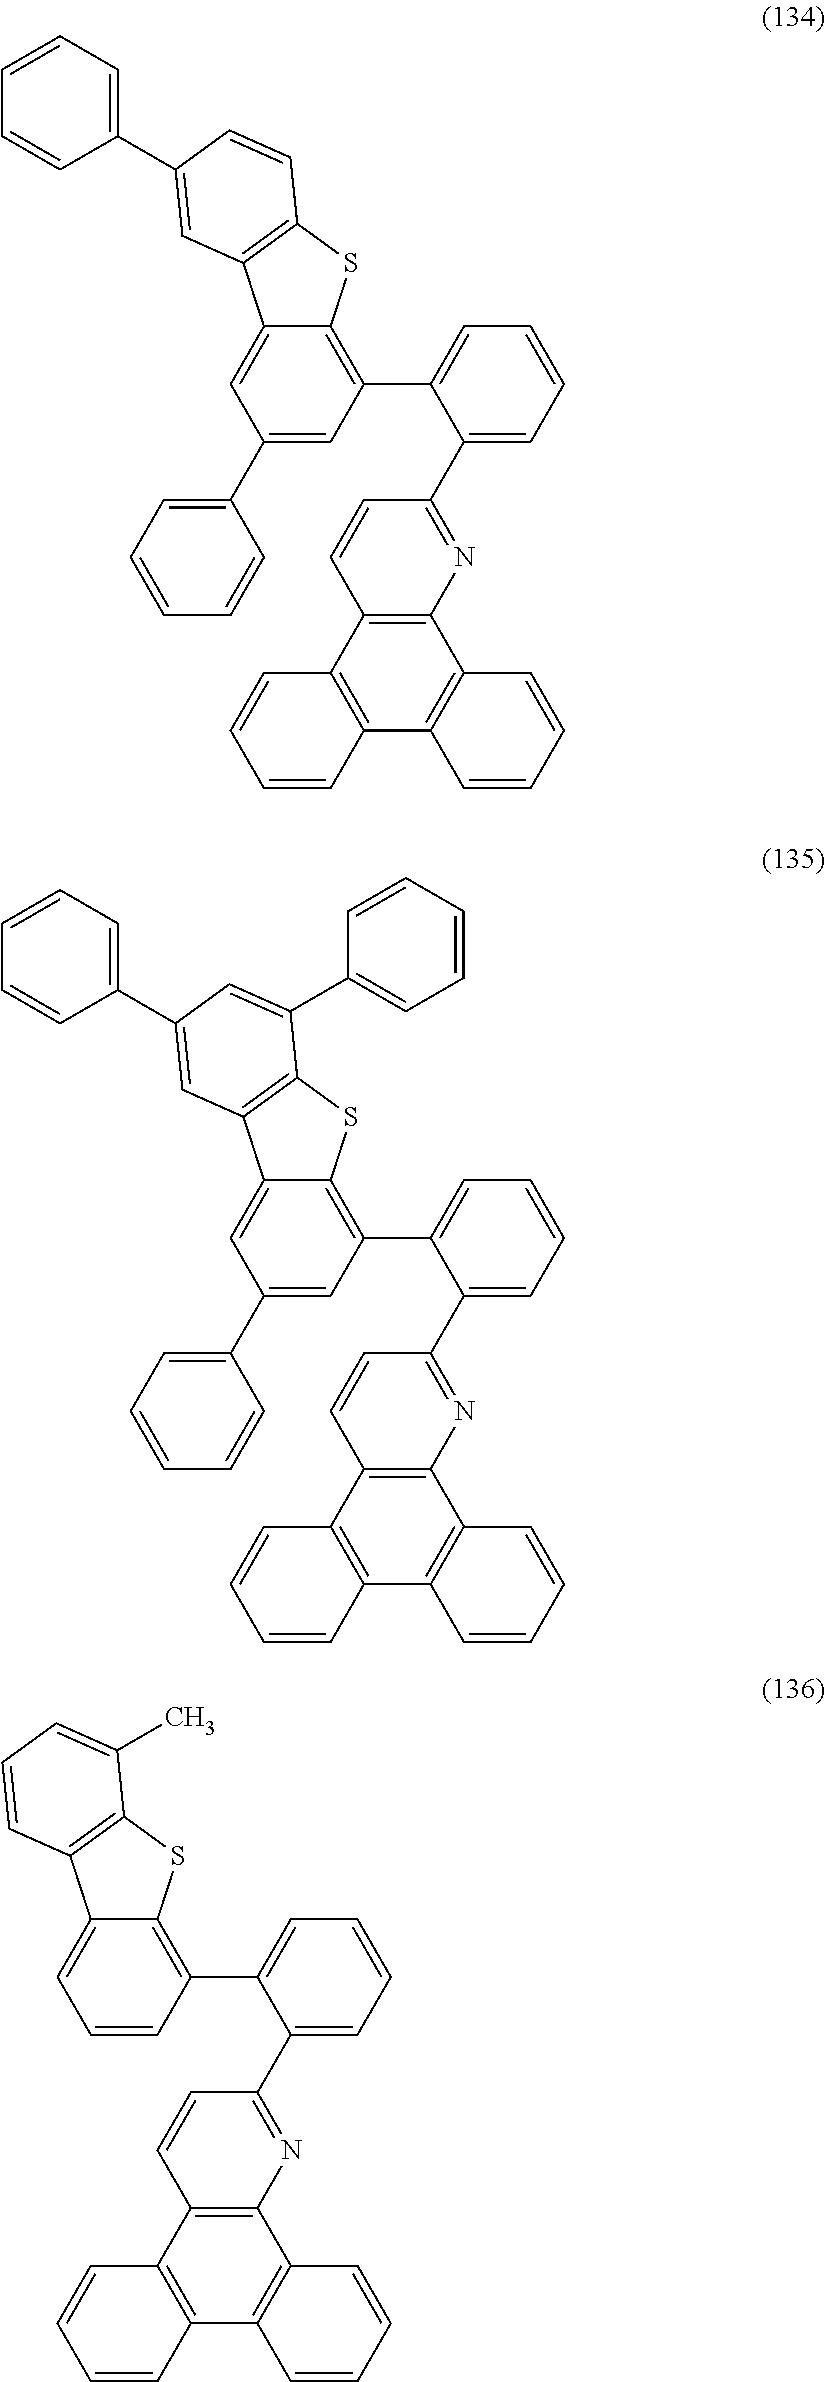 Figure US09843000-20171212-C00028